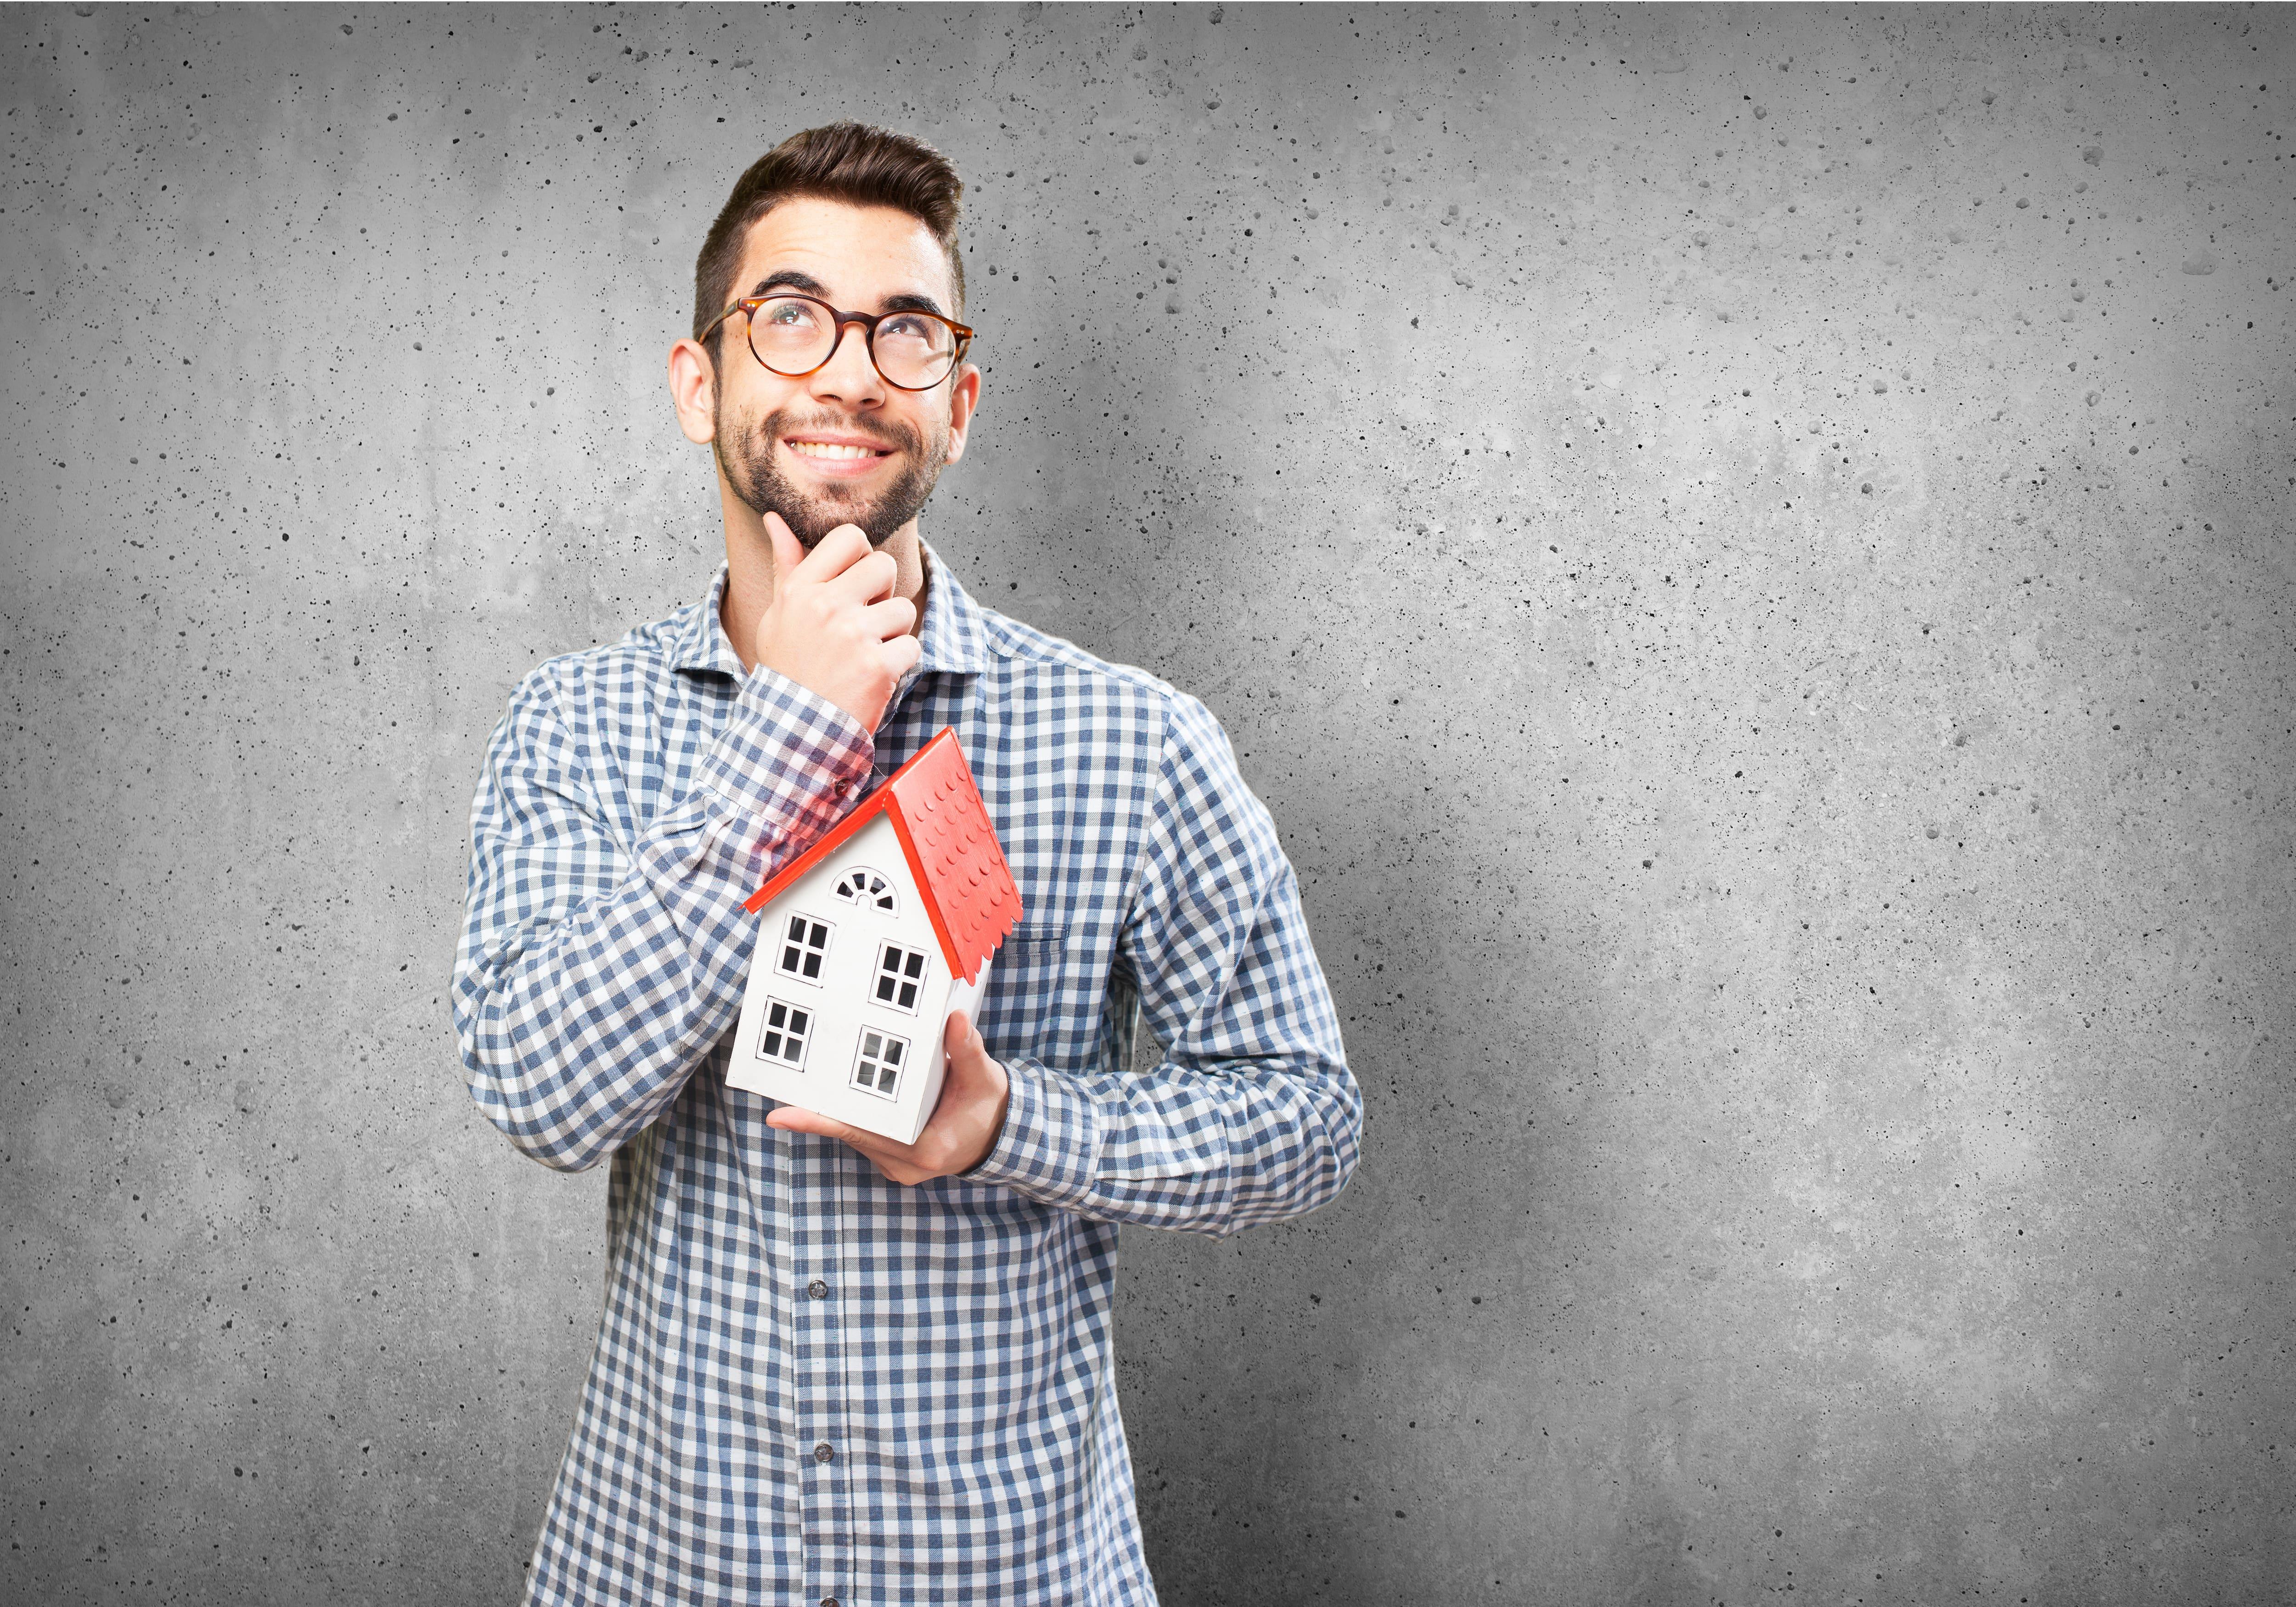 Qual é a vantagem em ter um seguro residencial?